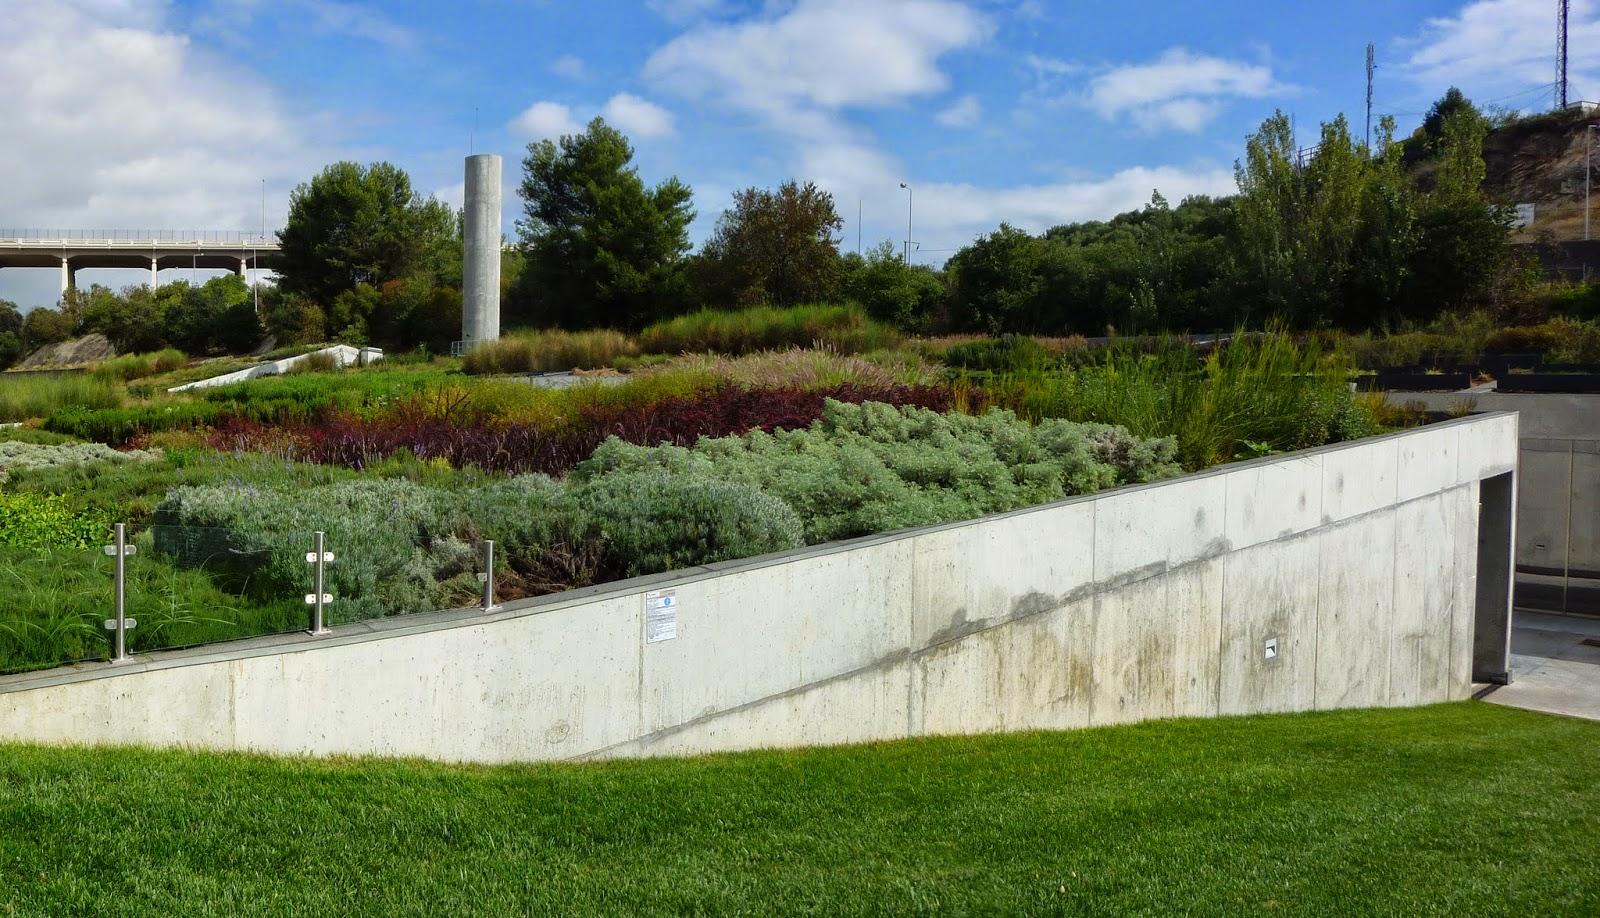 fotos de jardins horizontais : fotos de jardins horizontais: . arquitectura paisagista: Jardins em cobertura – Telhados Verdes I